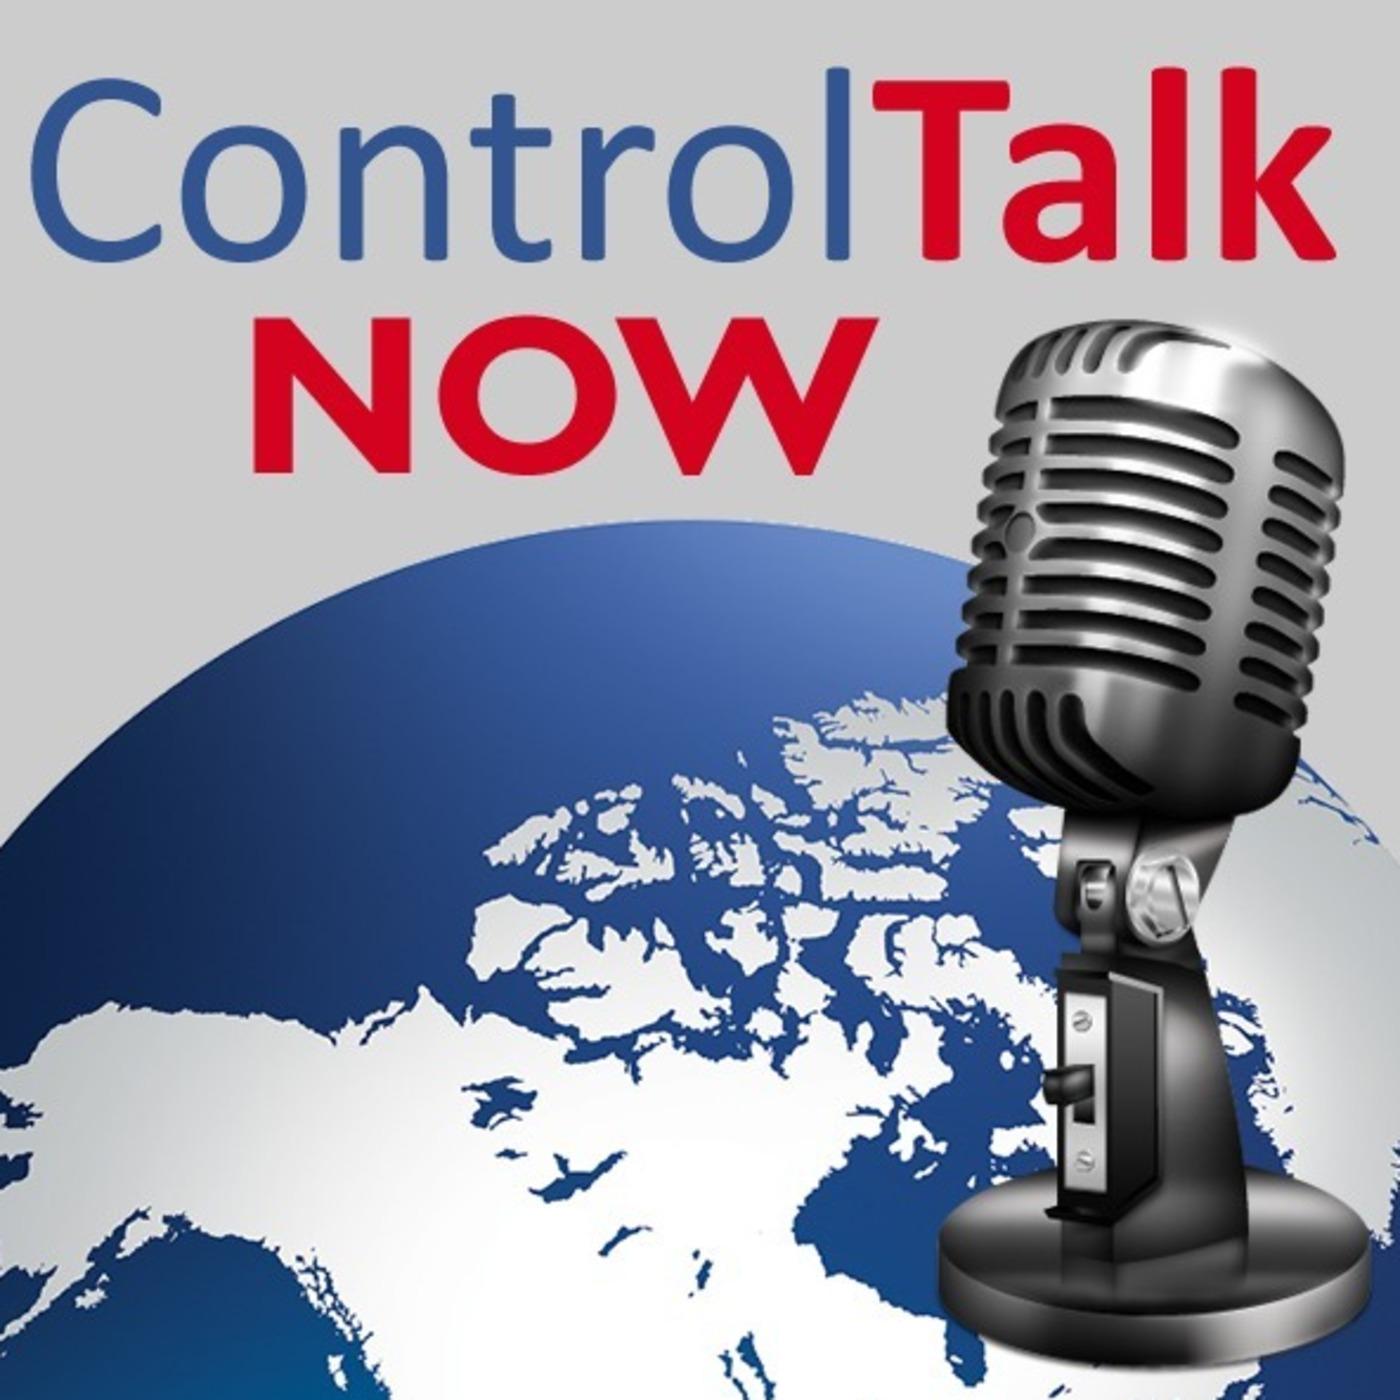 Merwin Honeywell Smart Vfd Drive Episode 66 Controltalk Interviews Tridums Ed